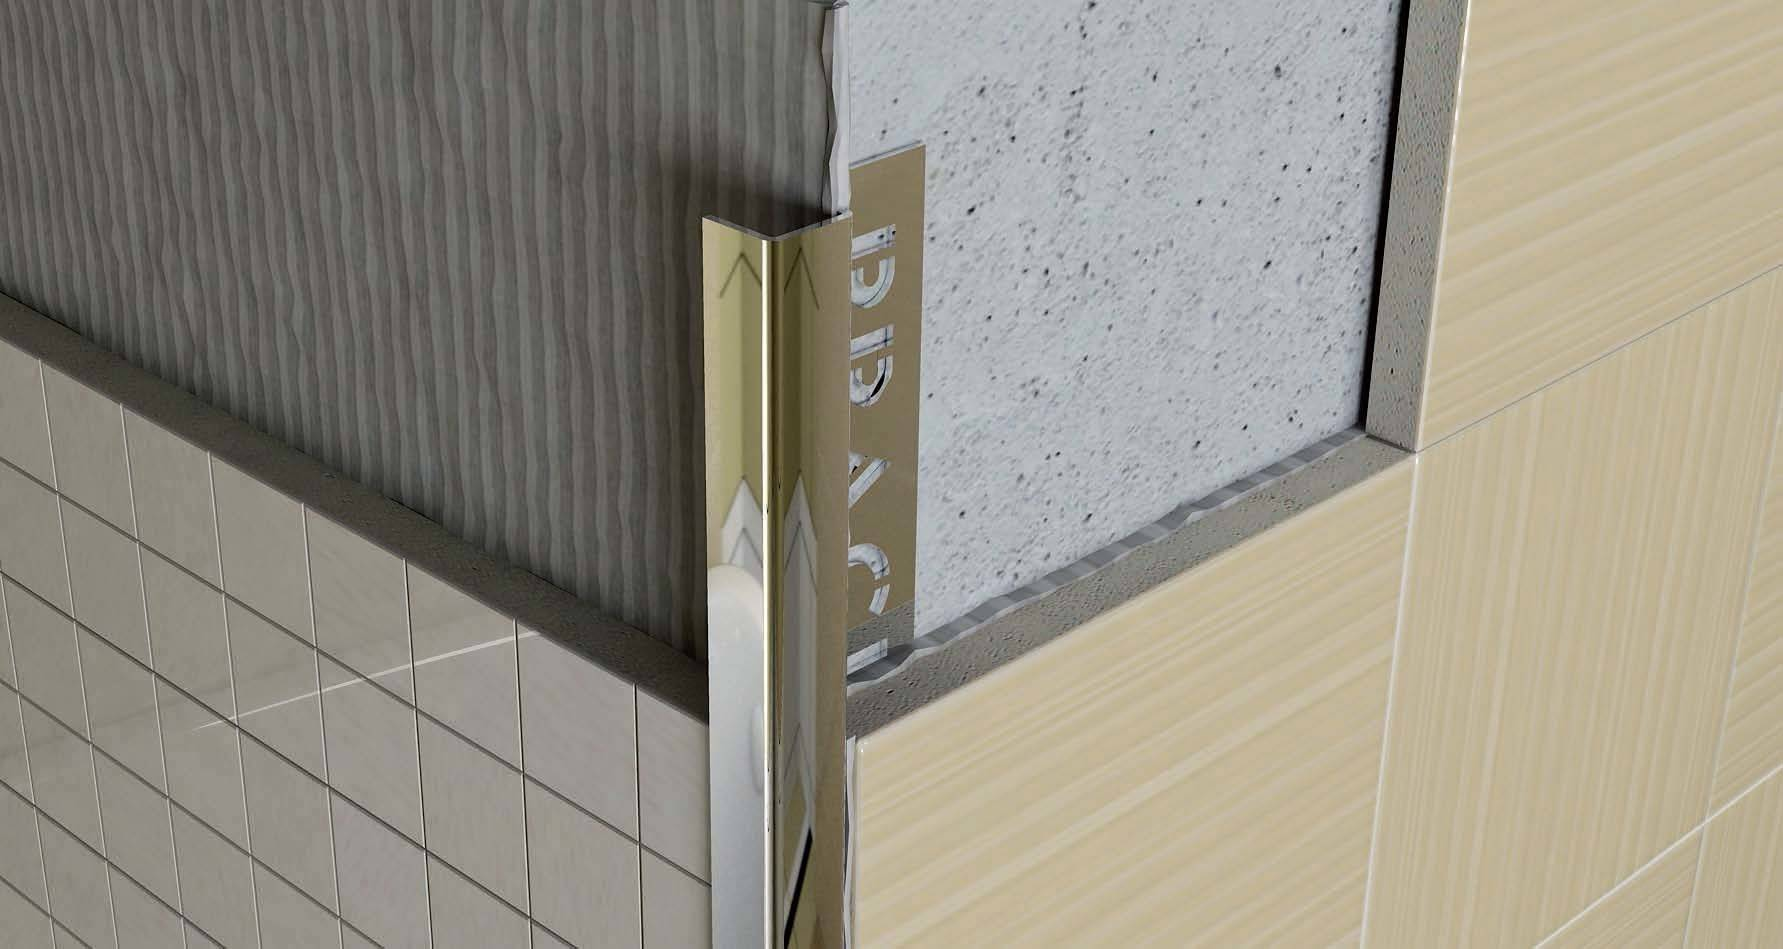 Уголки пластиковые для защиты углов стен: как защищать стены и углы с помощью декоративной накладки, можно ли использовать для внутреннего оформления